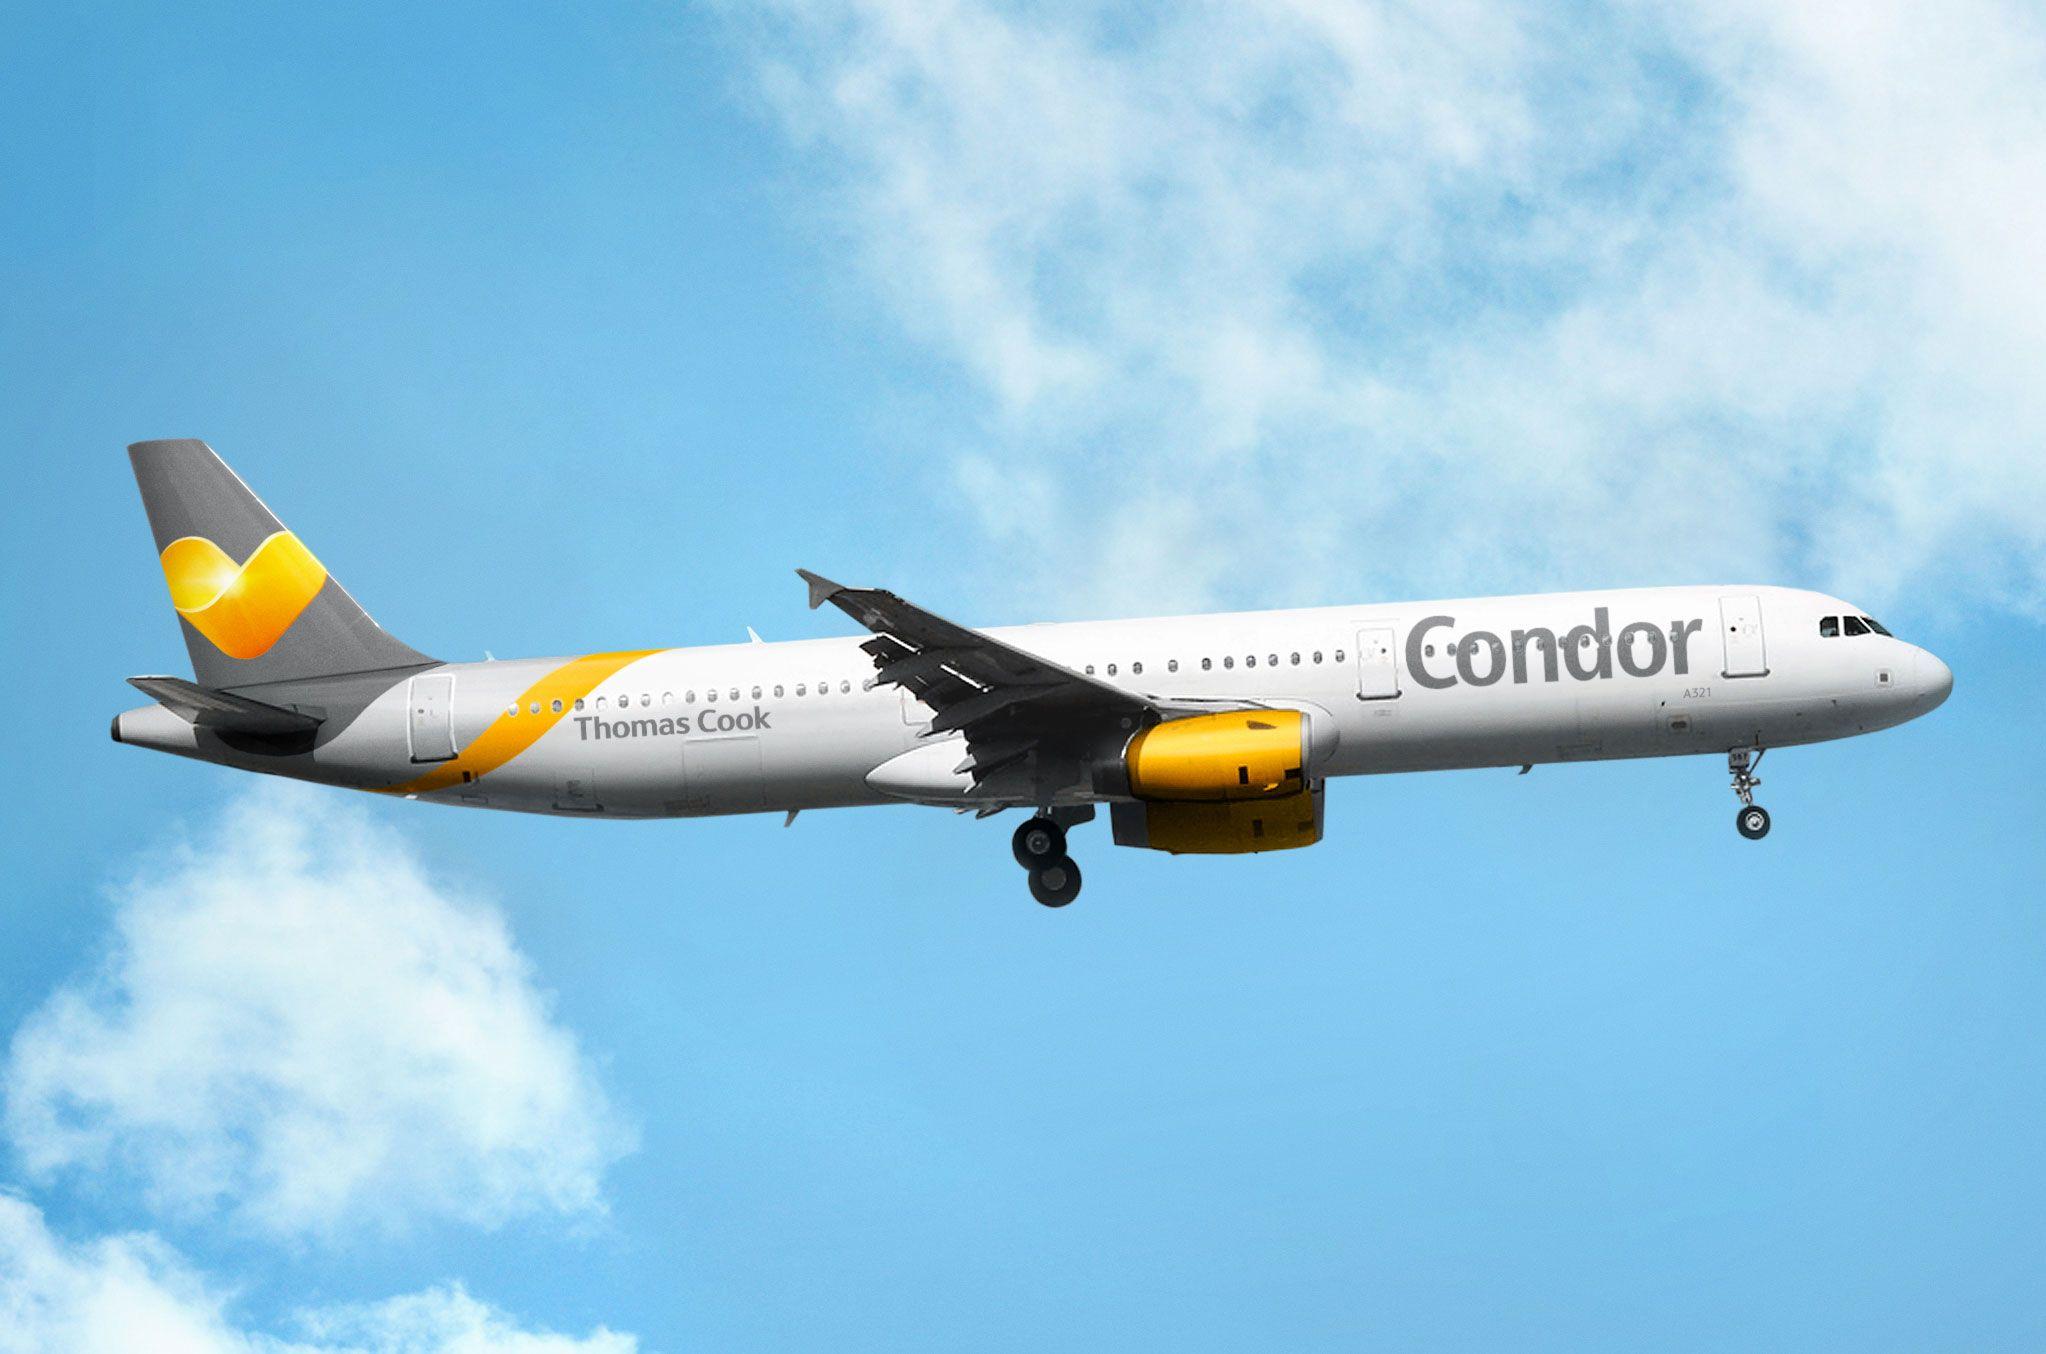 Der Condor A321 im Sunny Heart-Design.  Download und weitere Bilder unter: http://www.condor.com/de/unternehmen/condor-newsroom/download.jsp